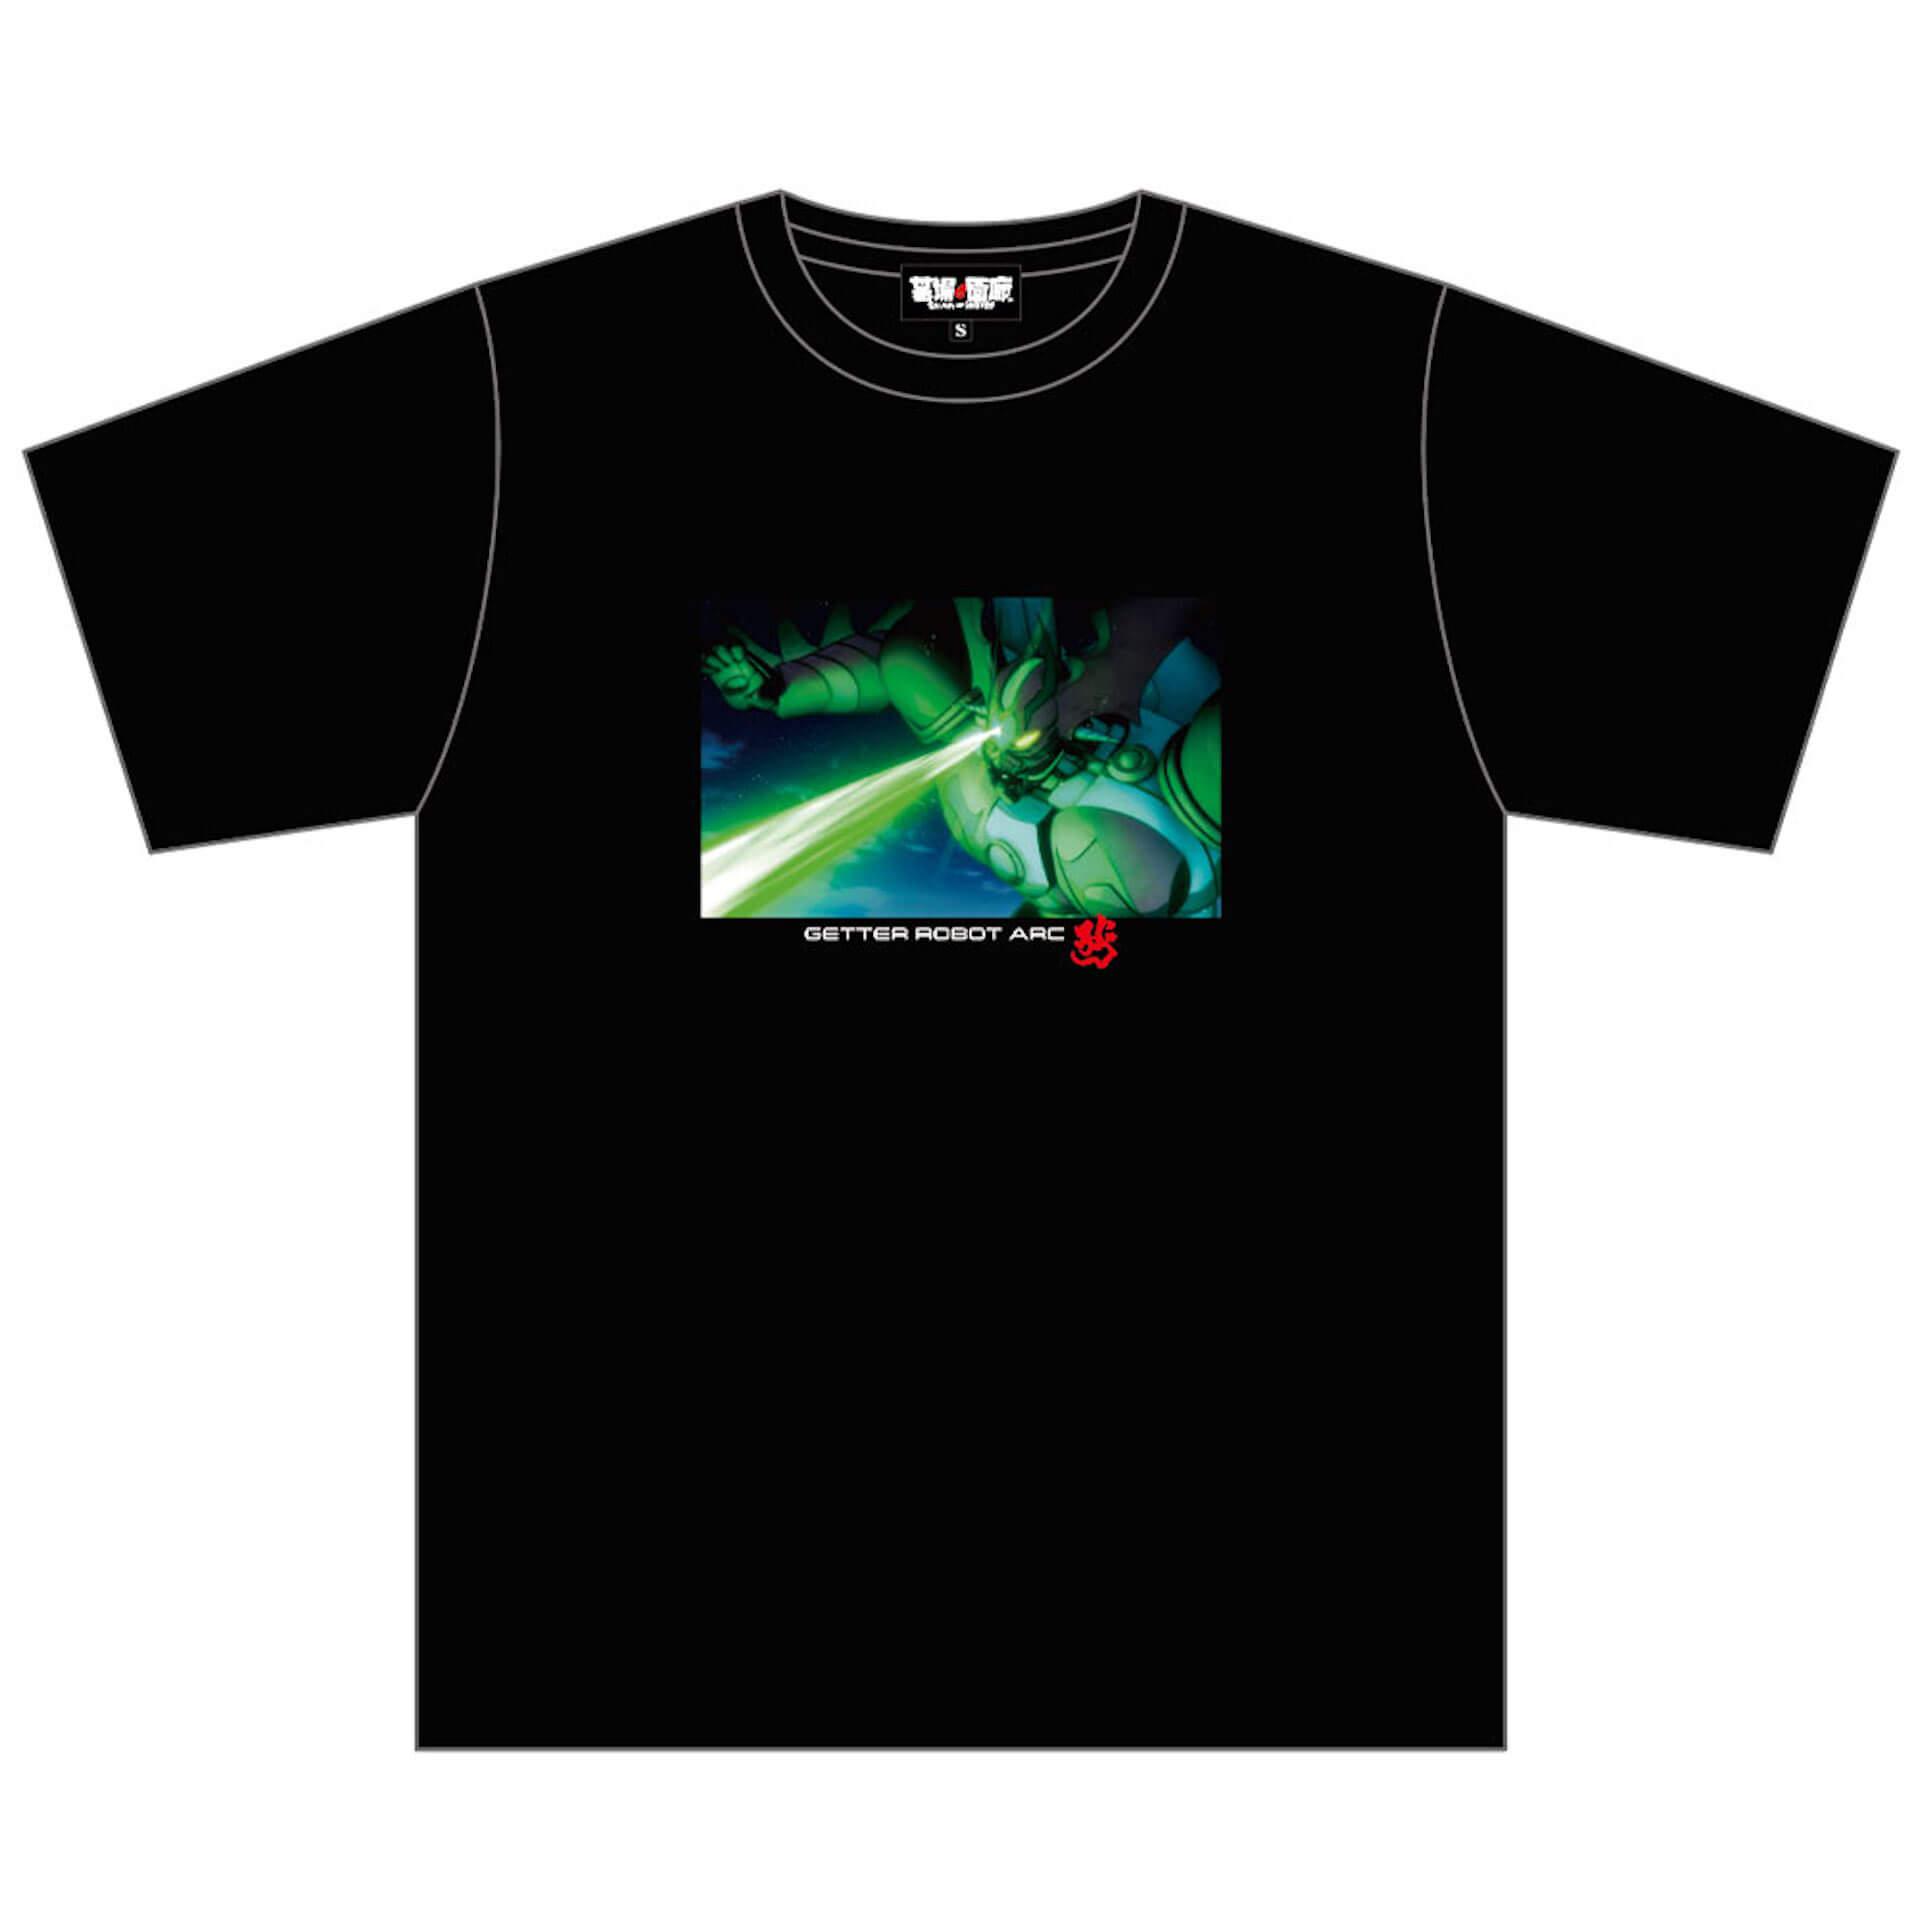 話題のアニメ『ゲッターロボ アーク』の商品が続々発売決定!墓場の画廊&オンラインストアにてTシャツ、アクリルフィギュアなど登場 art210621_getterrbobot_arc_7